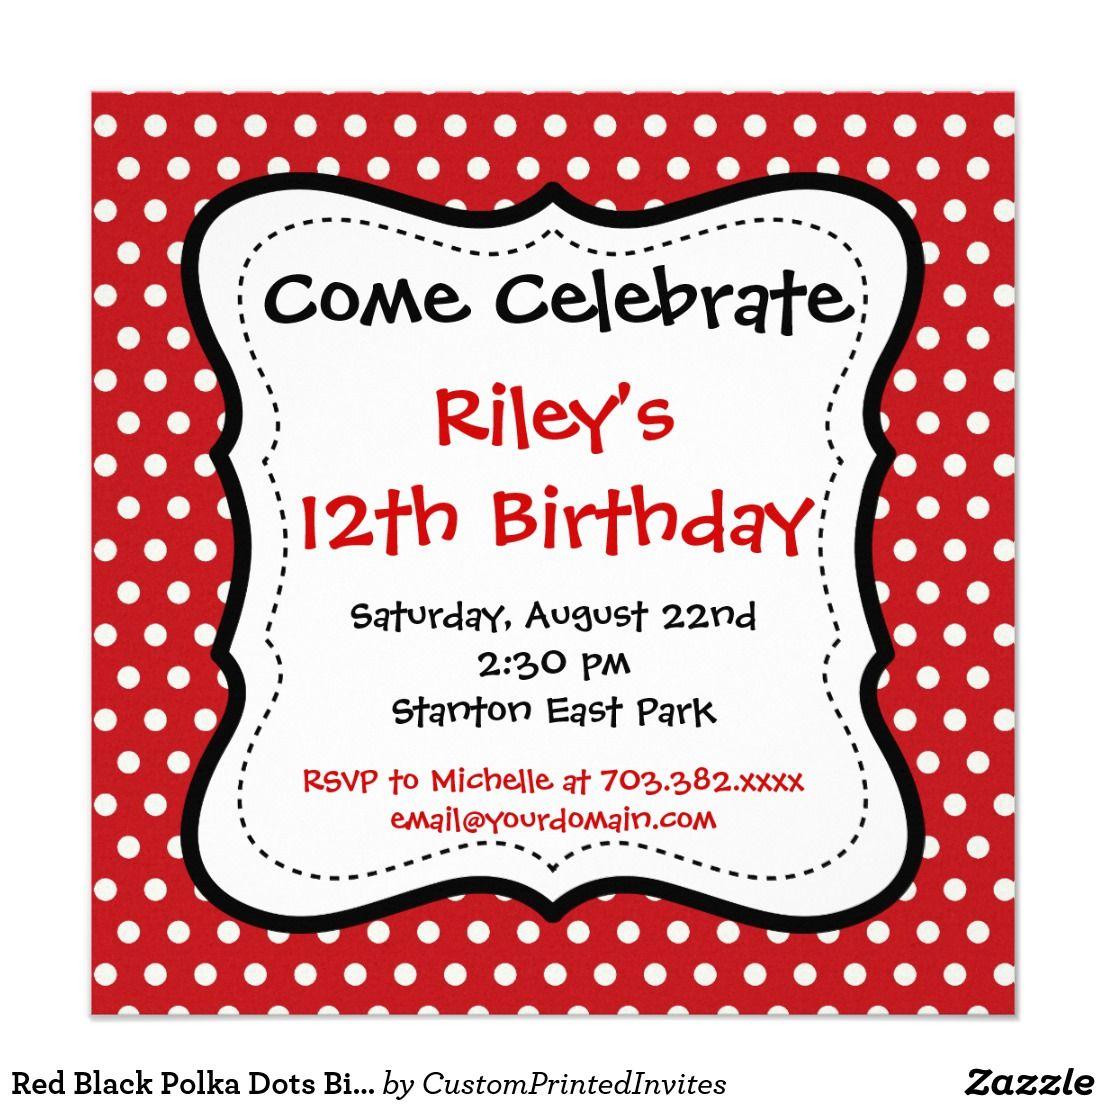 Red Black Polka Dots Birthday Party Invitations | Kid\'s Birthdays ...